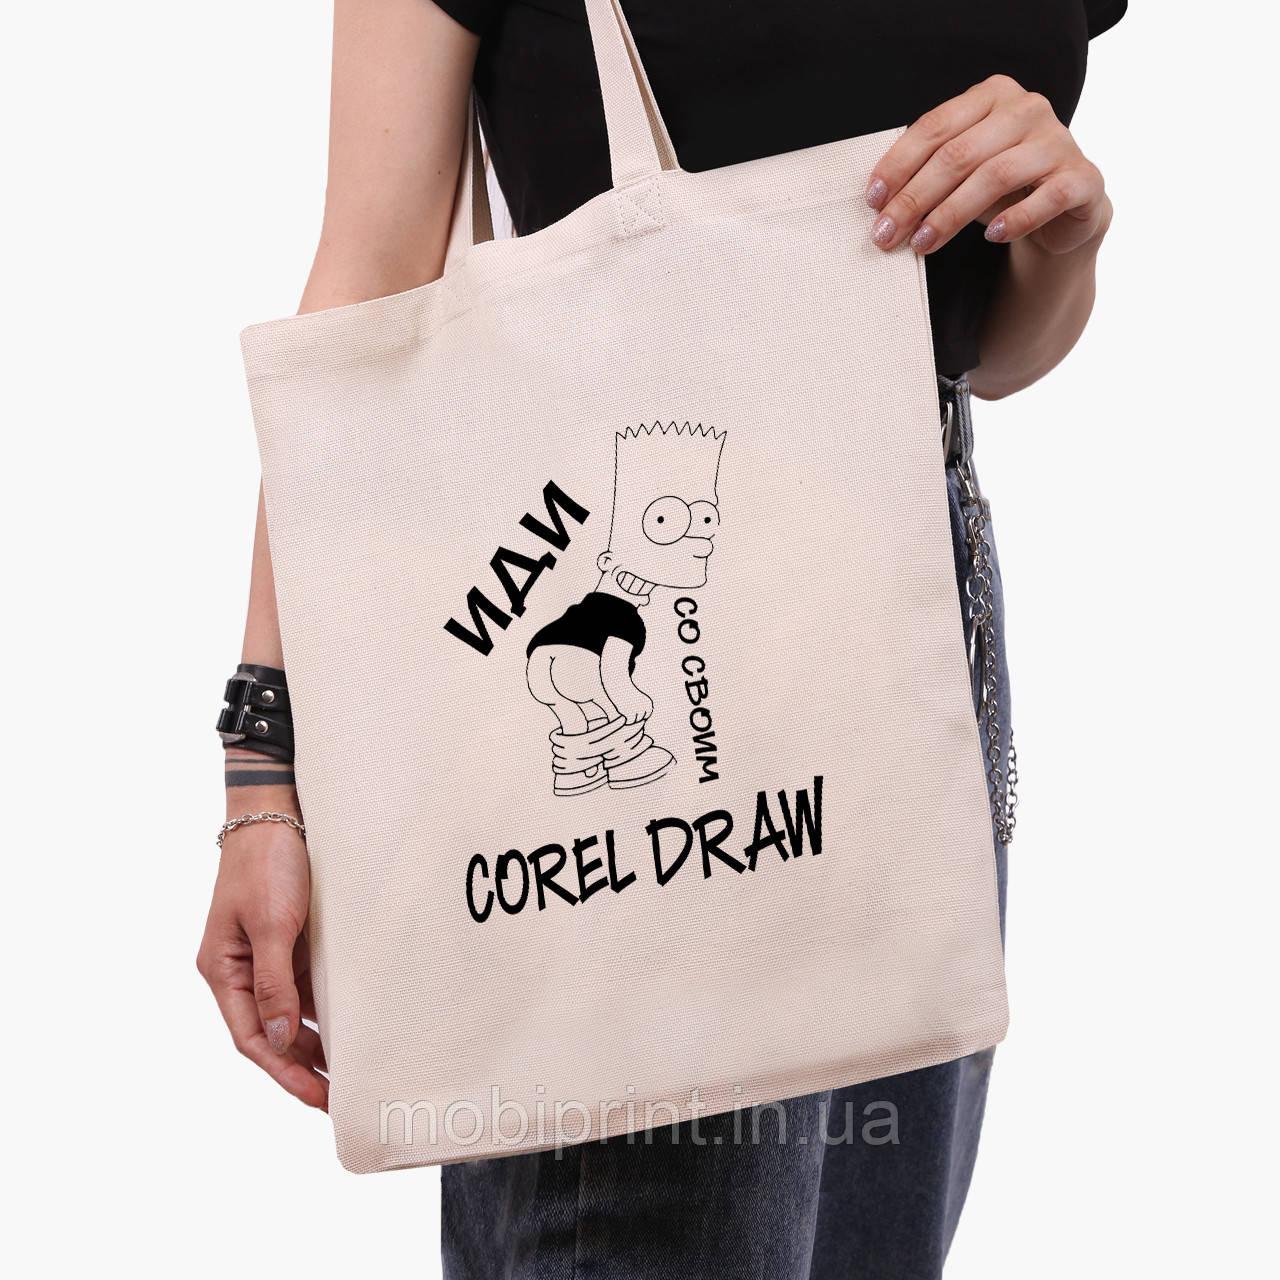 Еко сумка шоппер Іди зі свої Corel Draw (9227-1551) екосумка шопер 41*35 см